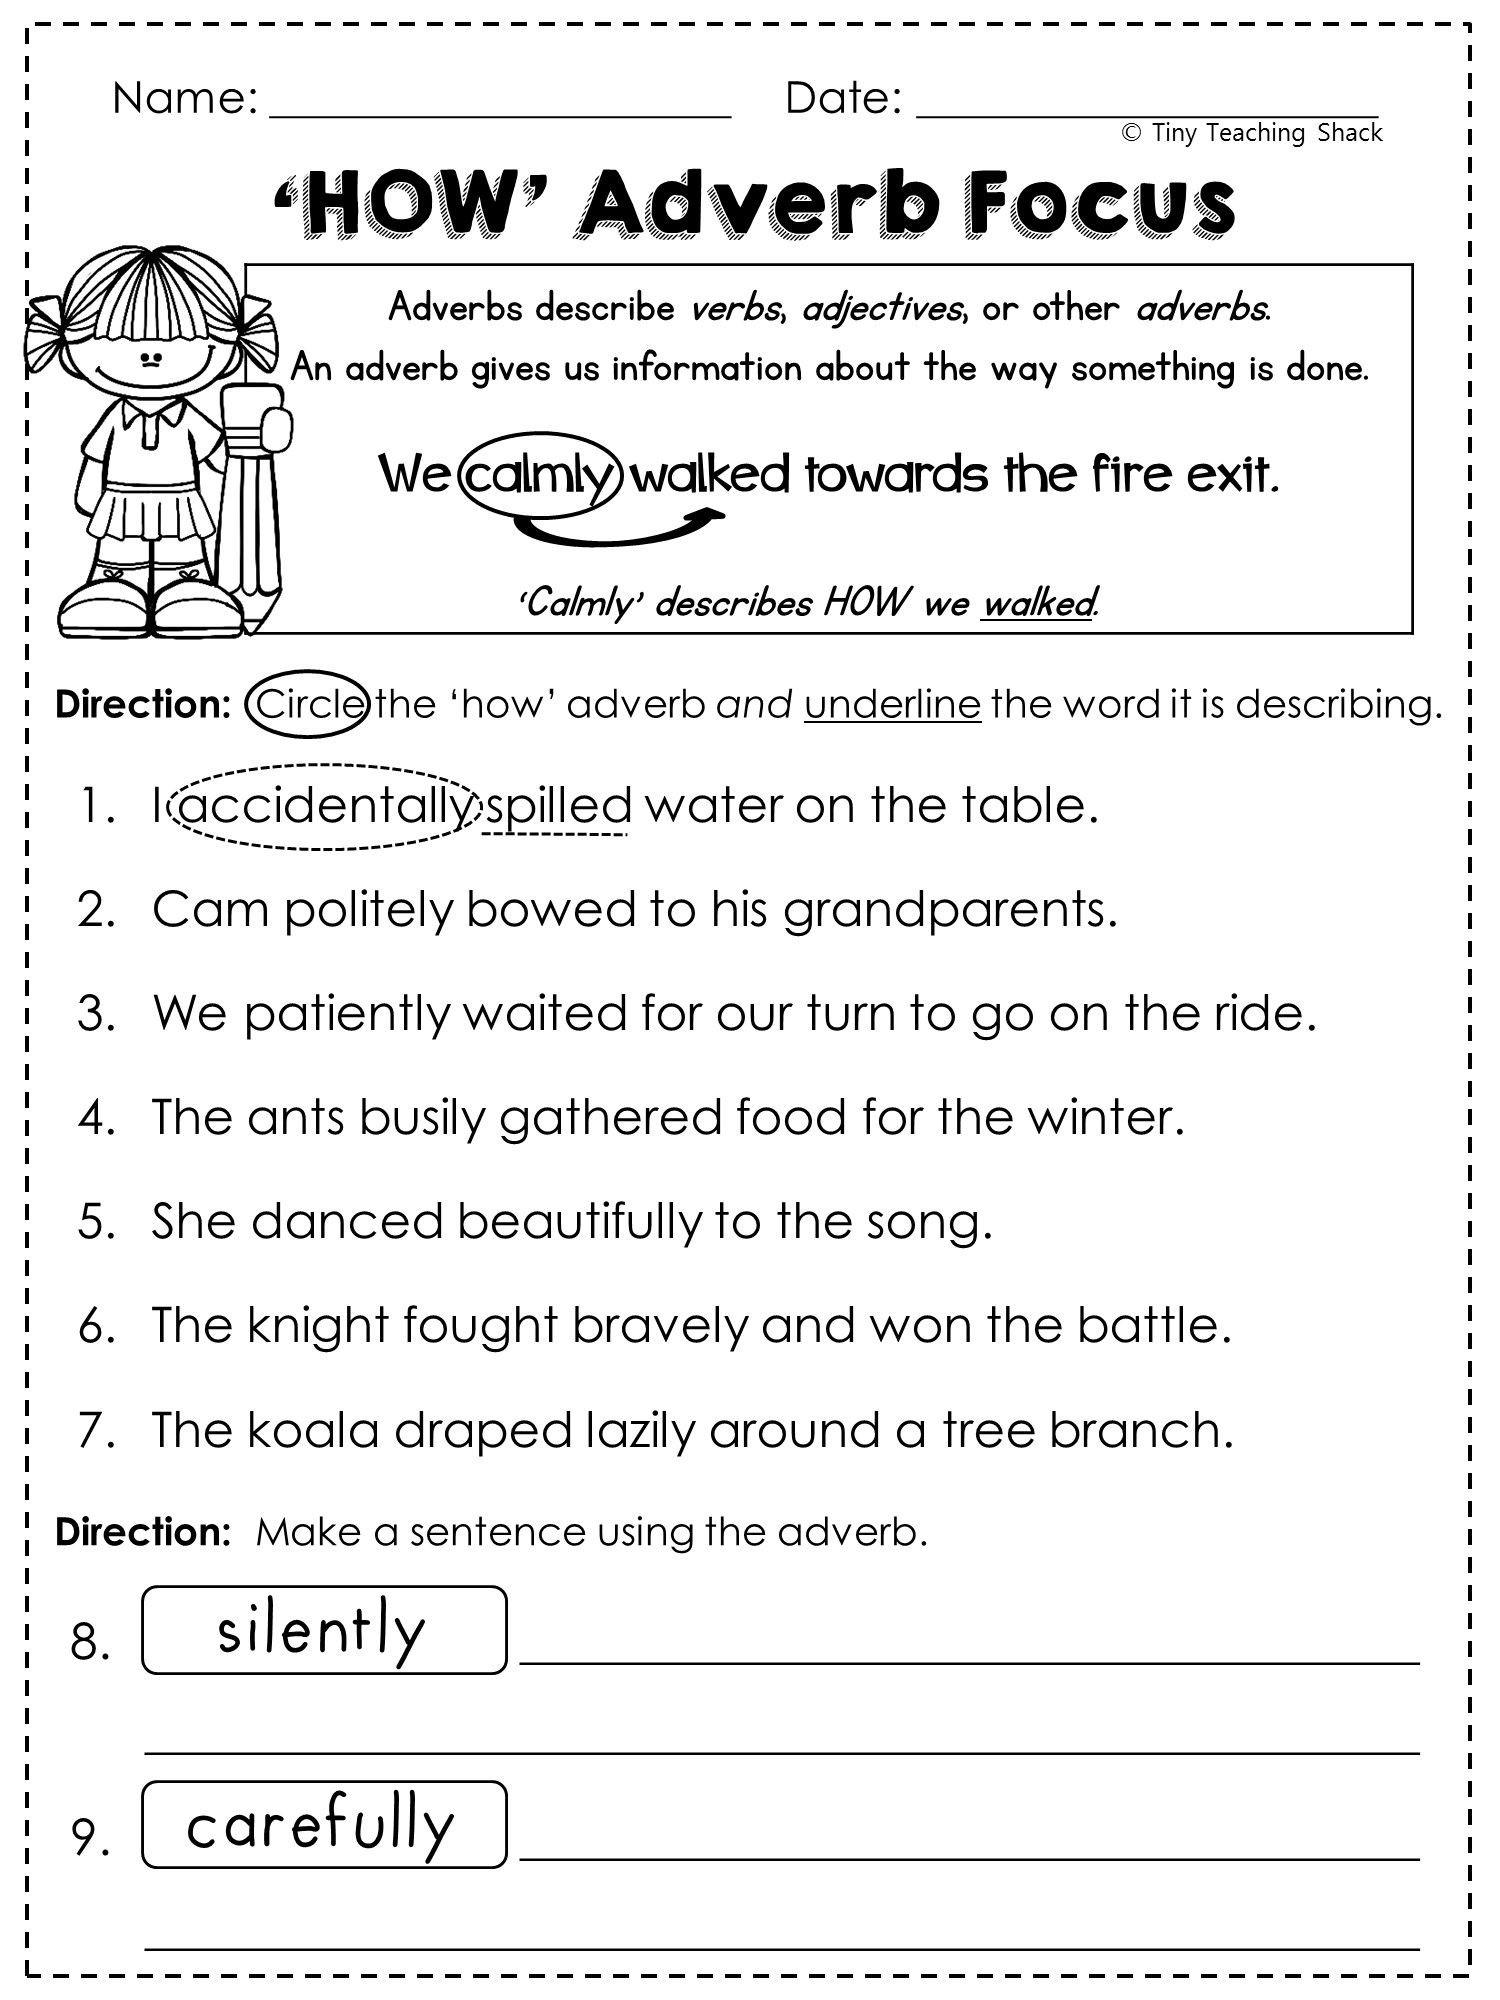 Grade 6 Printable Worksheets Beautiful Grade 6 English Worksheets | Free Printable Worksheets On Adverbs For Grade 5